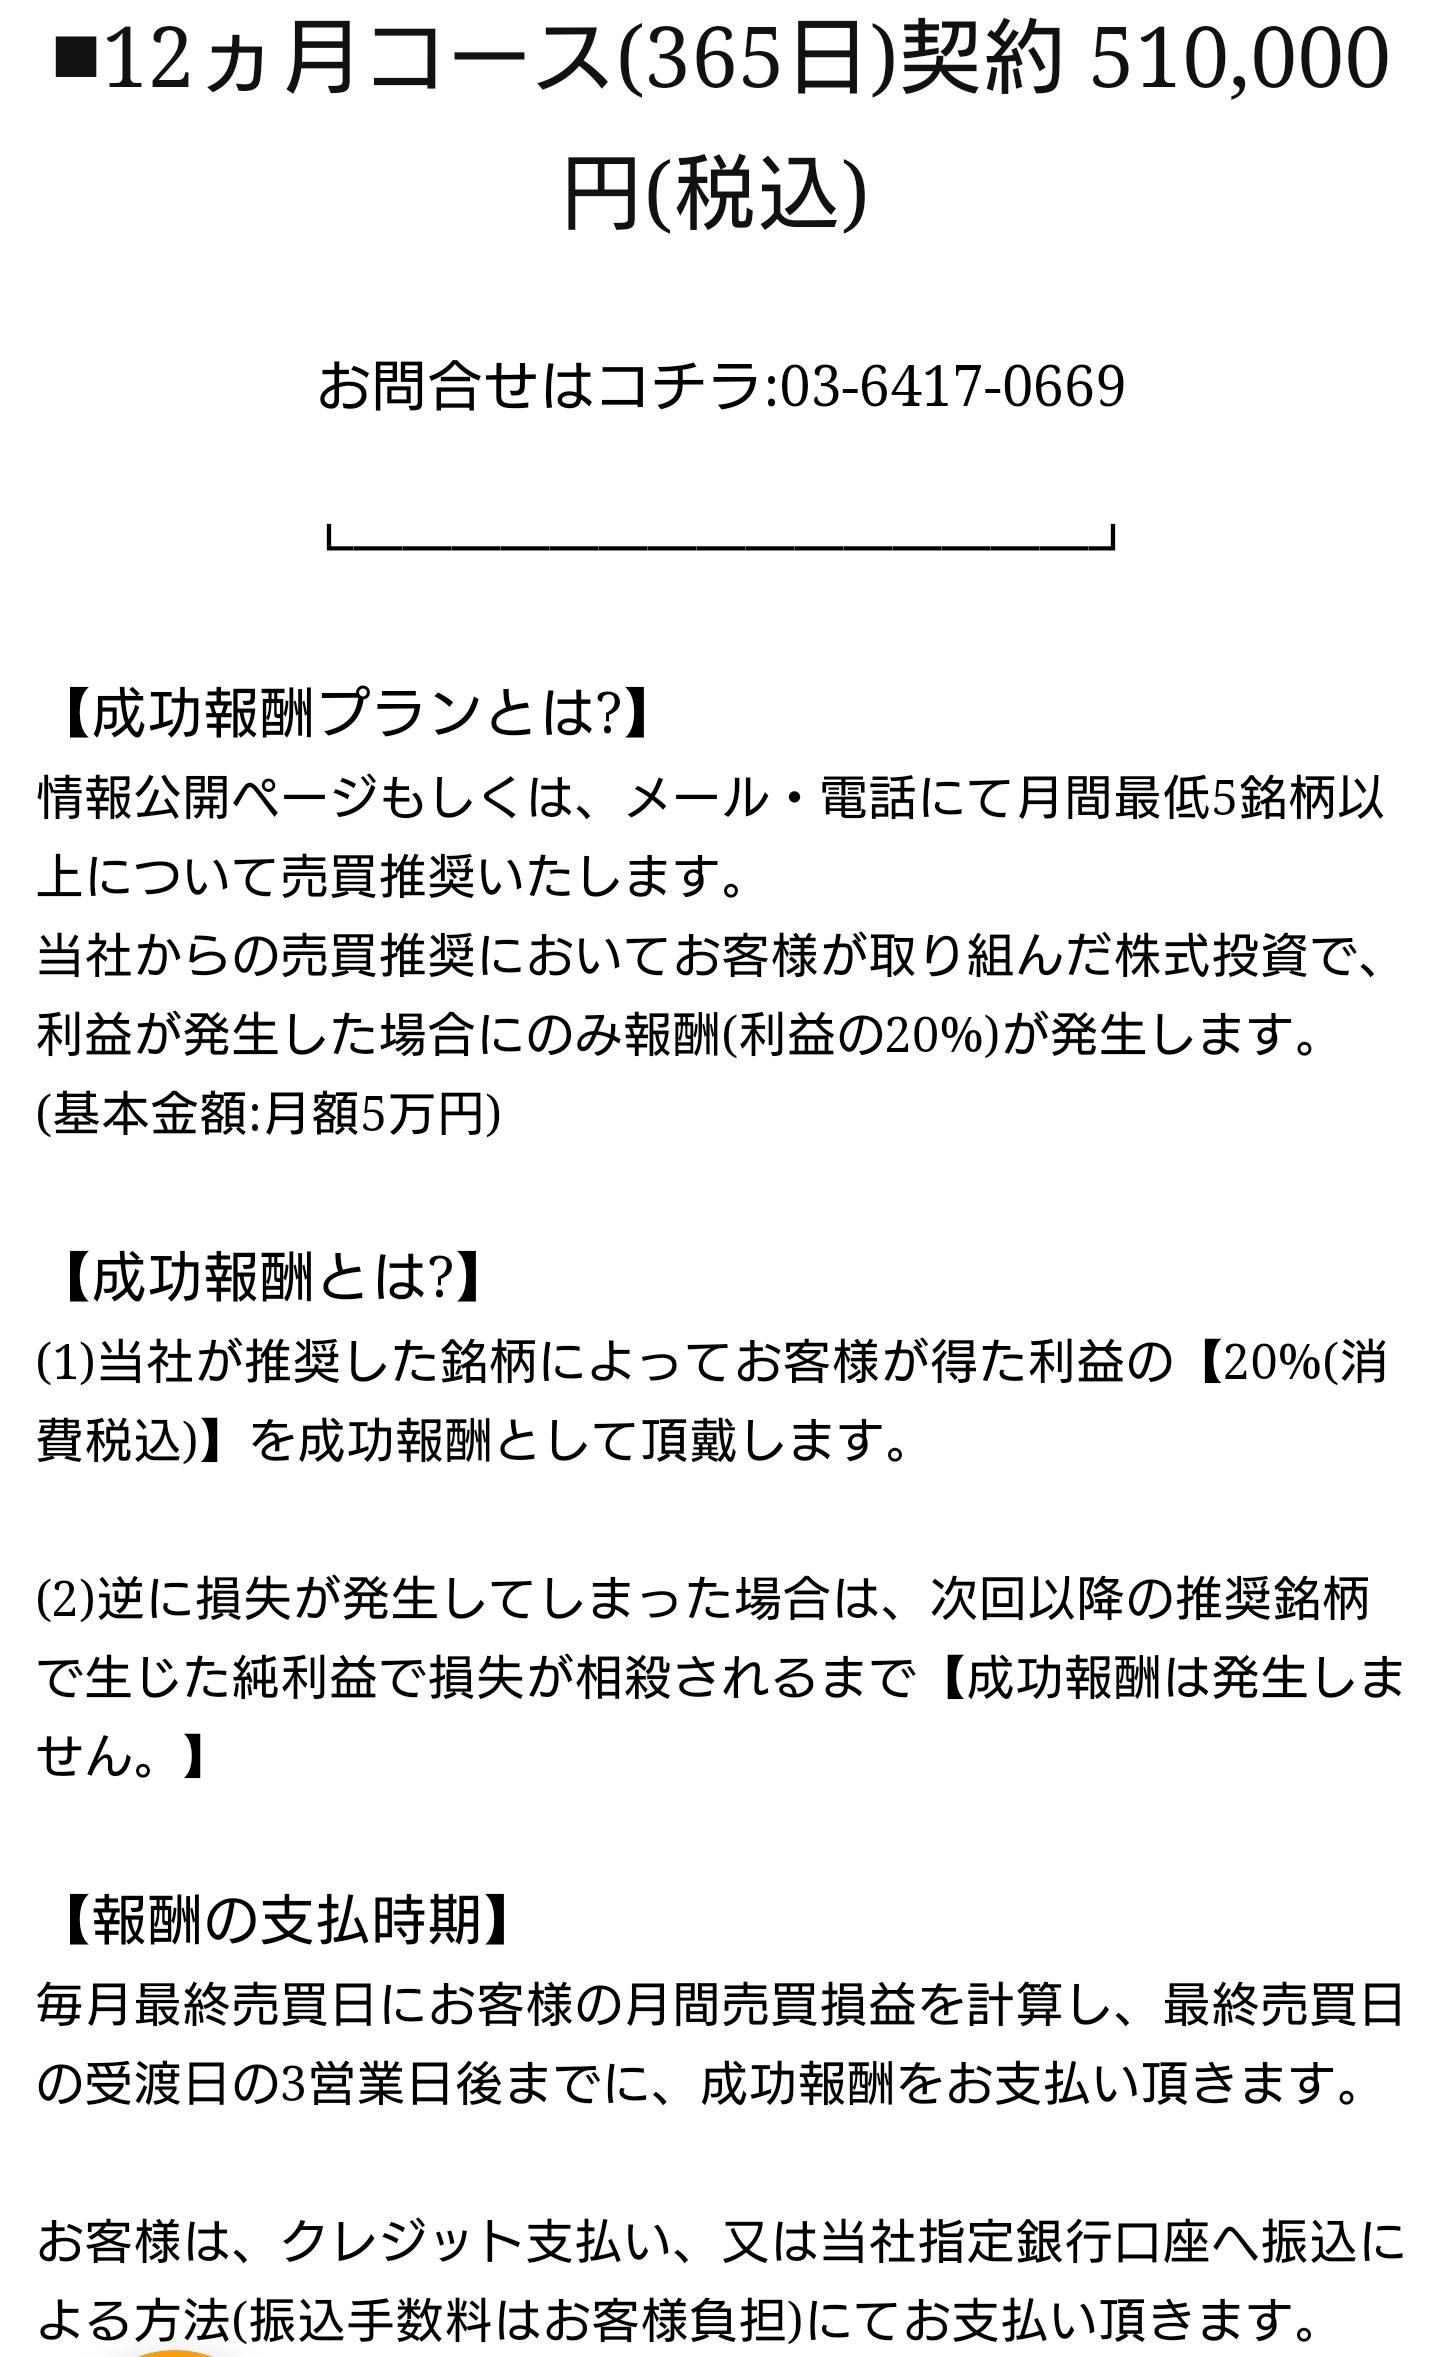 勝ち株ナビ 有料コース